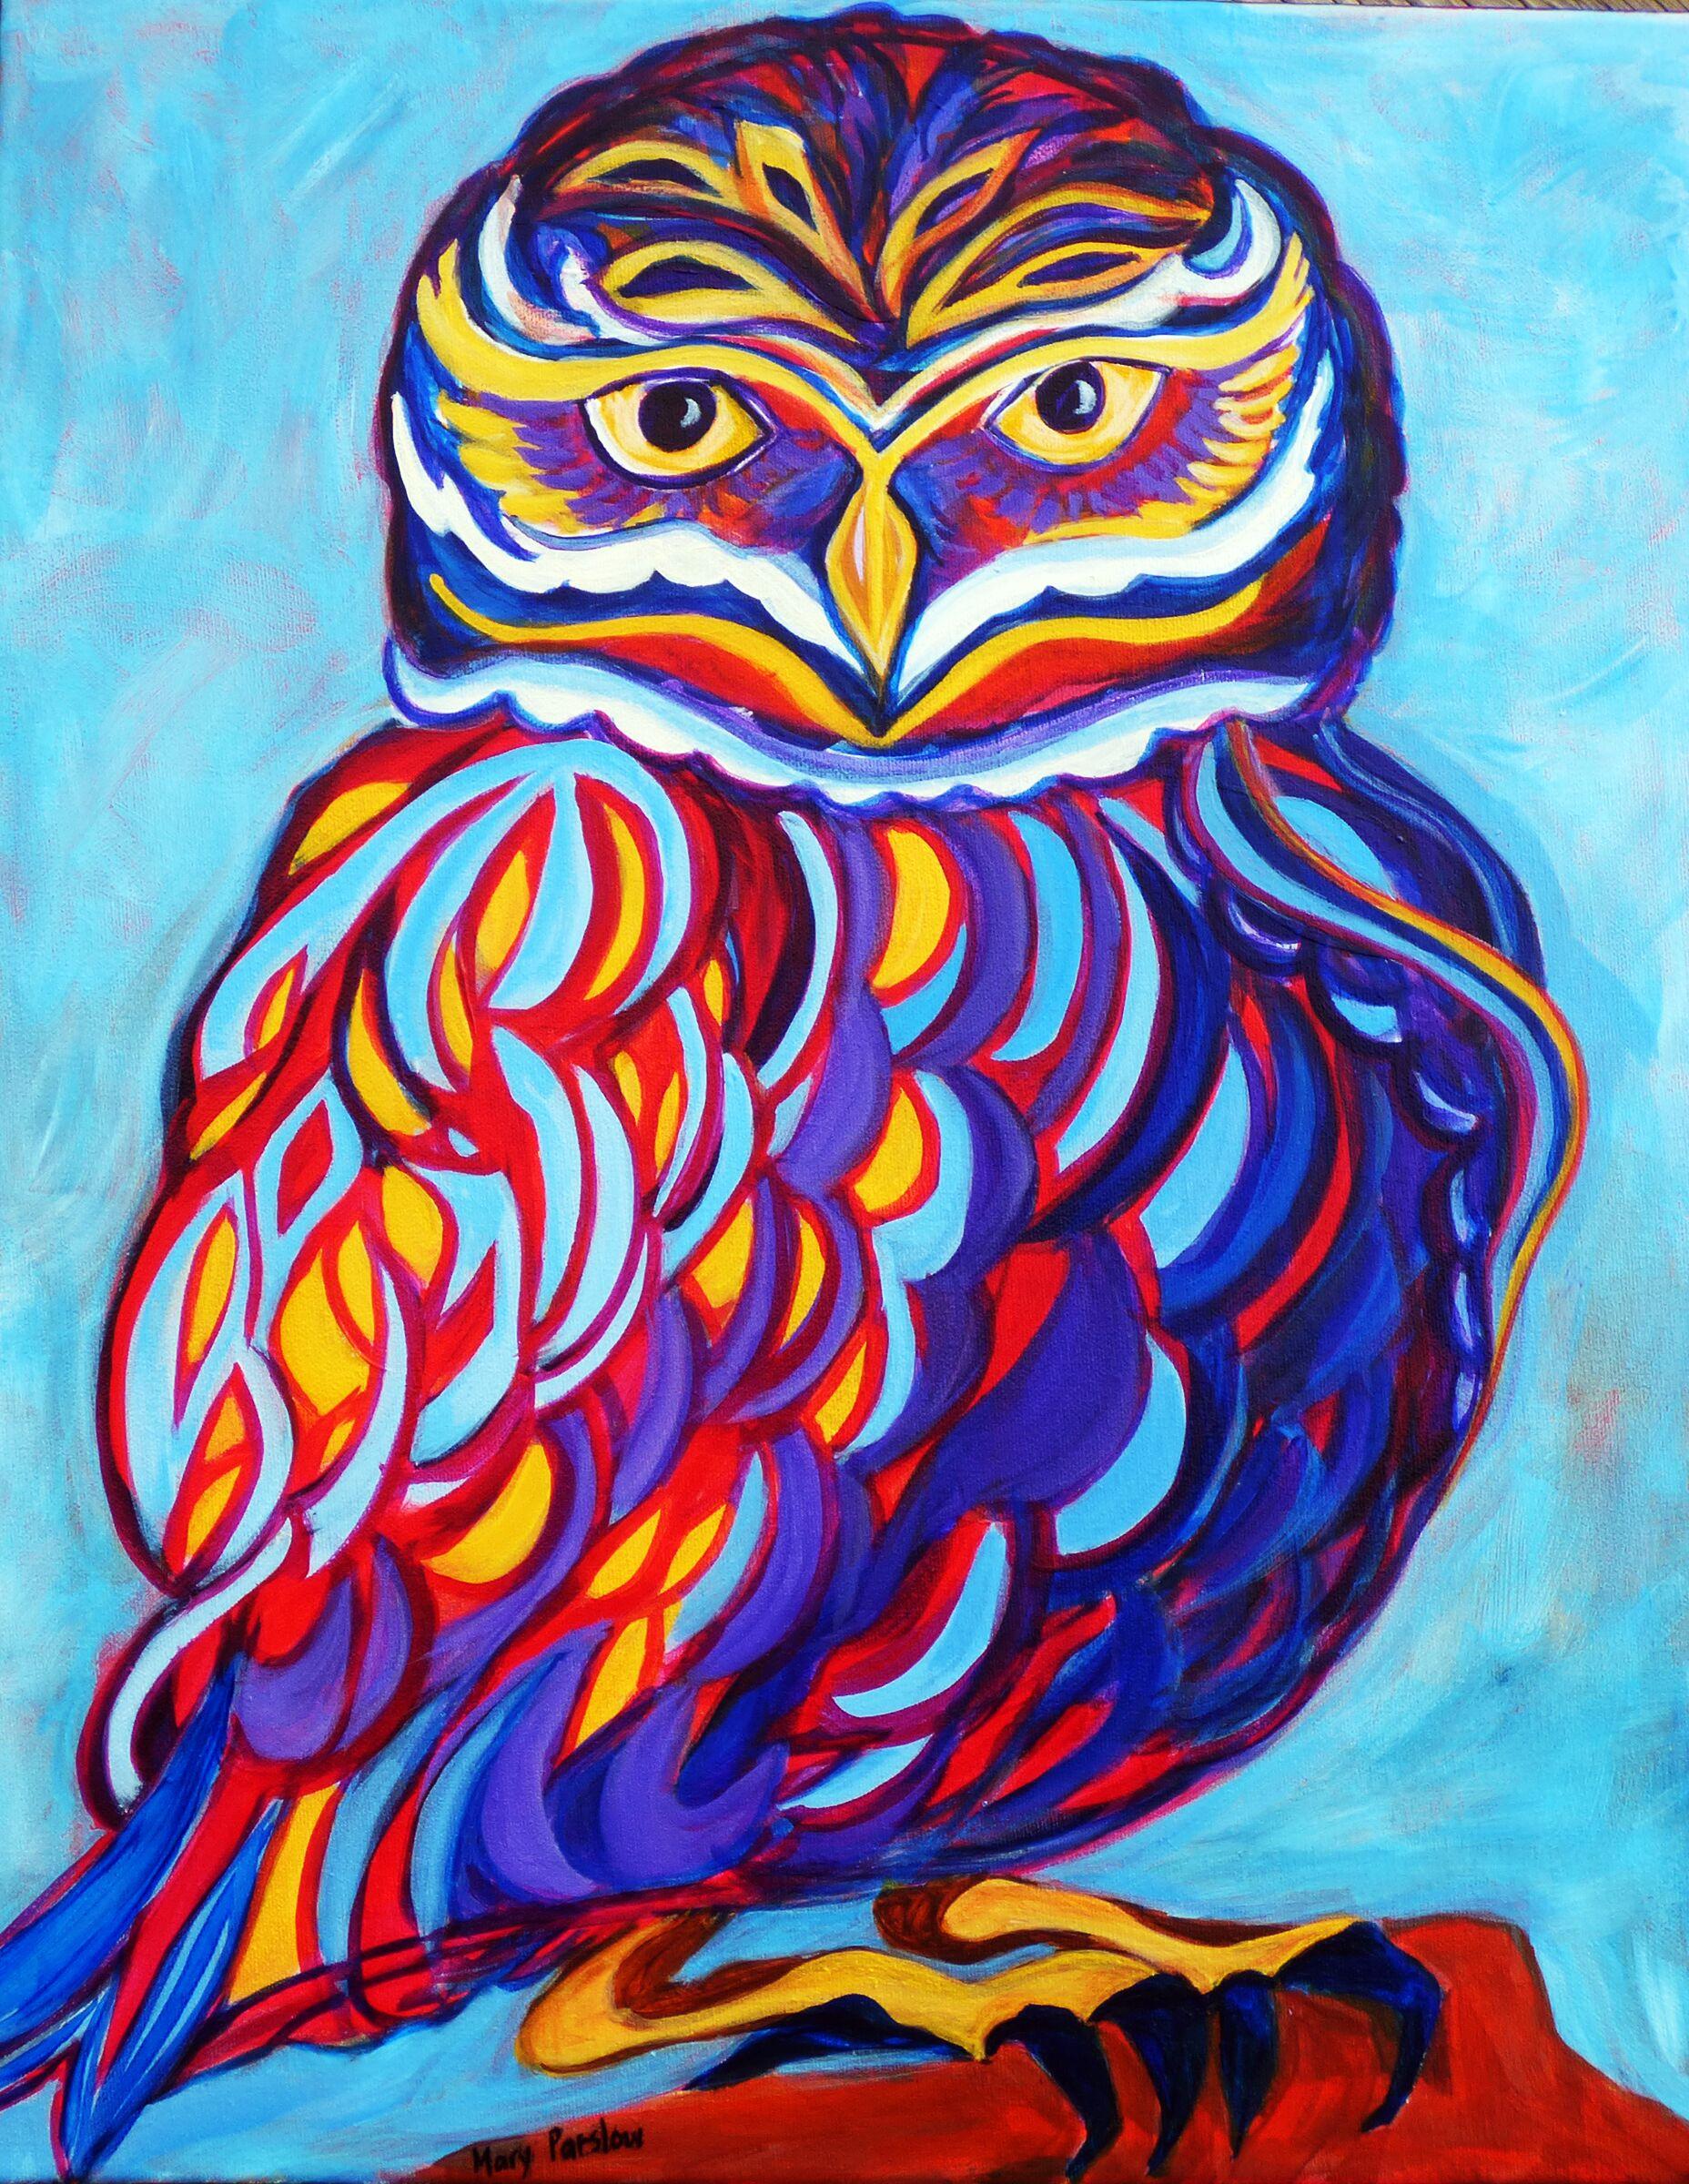 Jazzy Owl - Mary Parslow